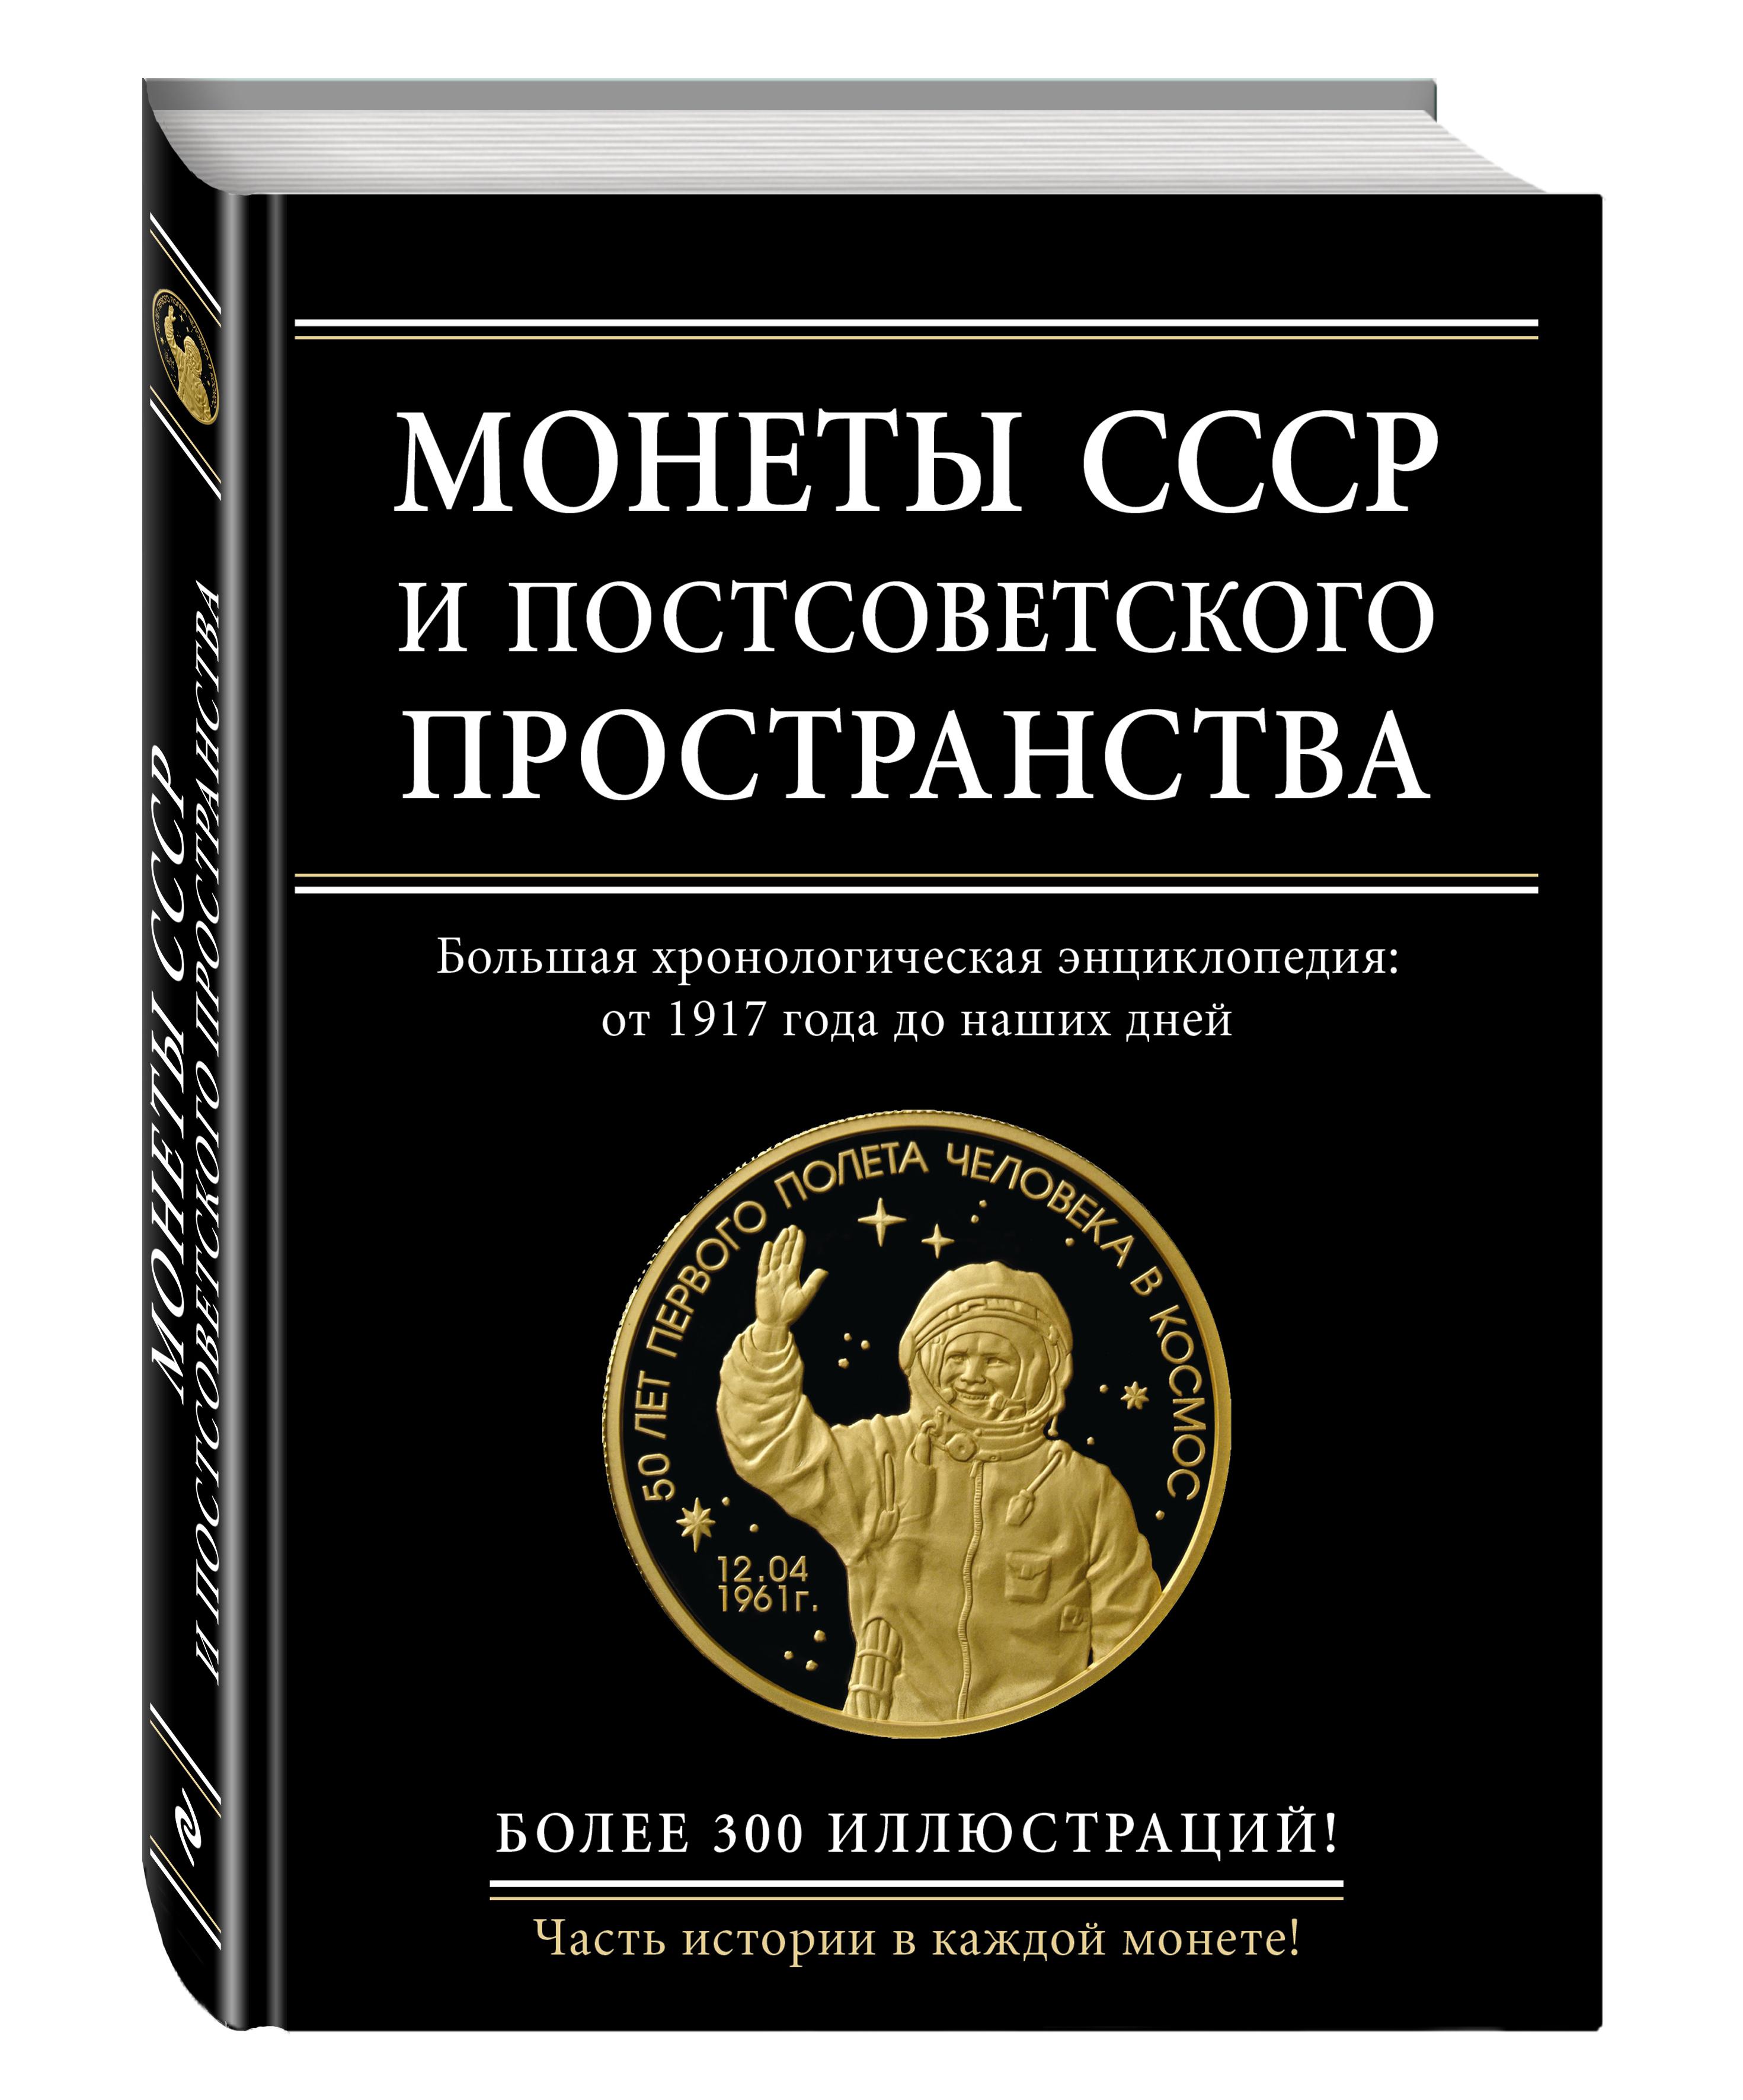 Монеты СССР и постсоветского пространства ( Ларин-Подольский И.А.  )